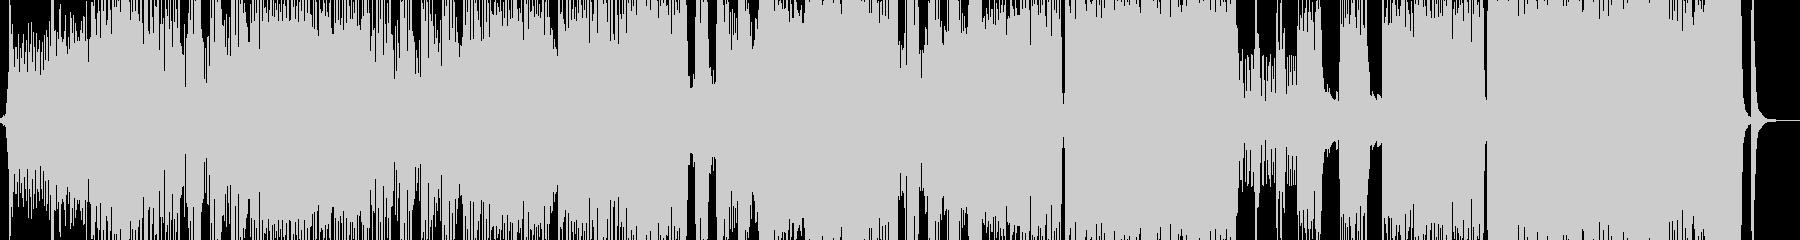 死闘・オーケストラ・後半からロックに展開の未再生の波形